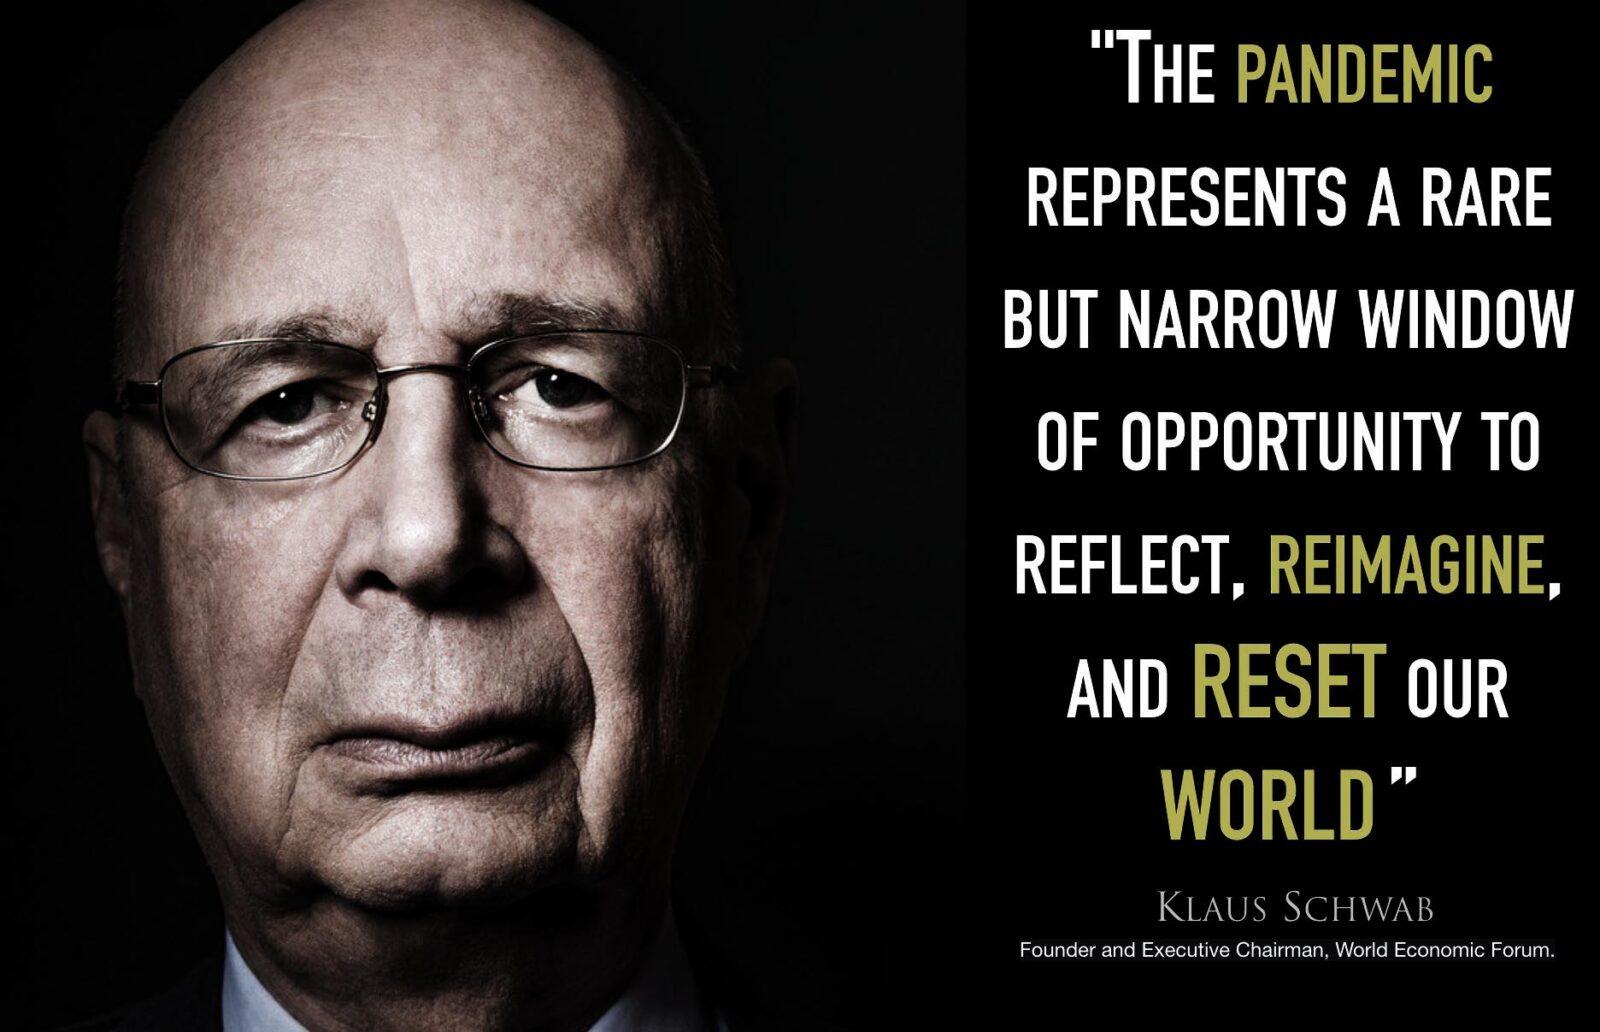 Klaus Schwab WEF Great Reset